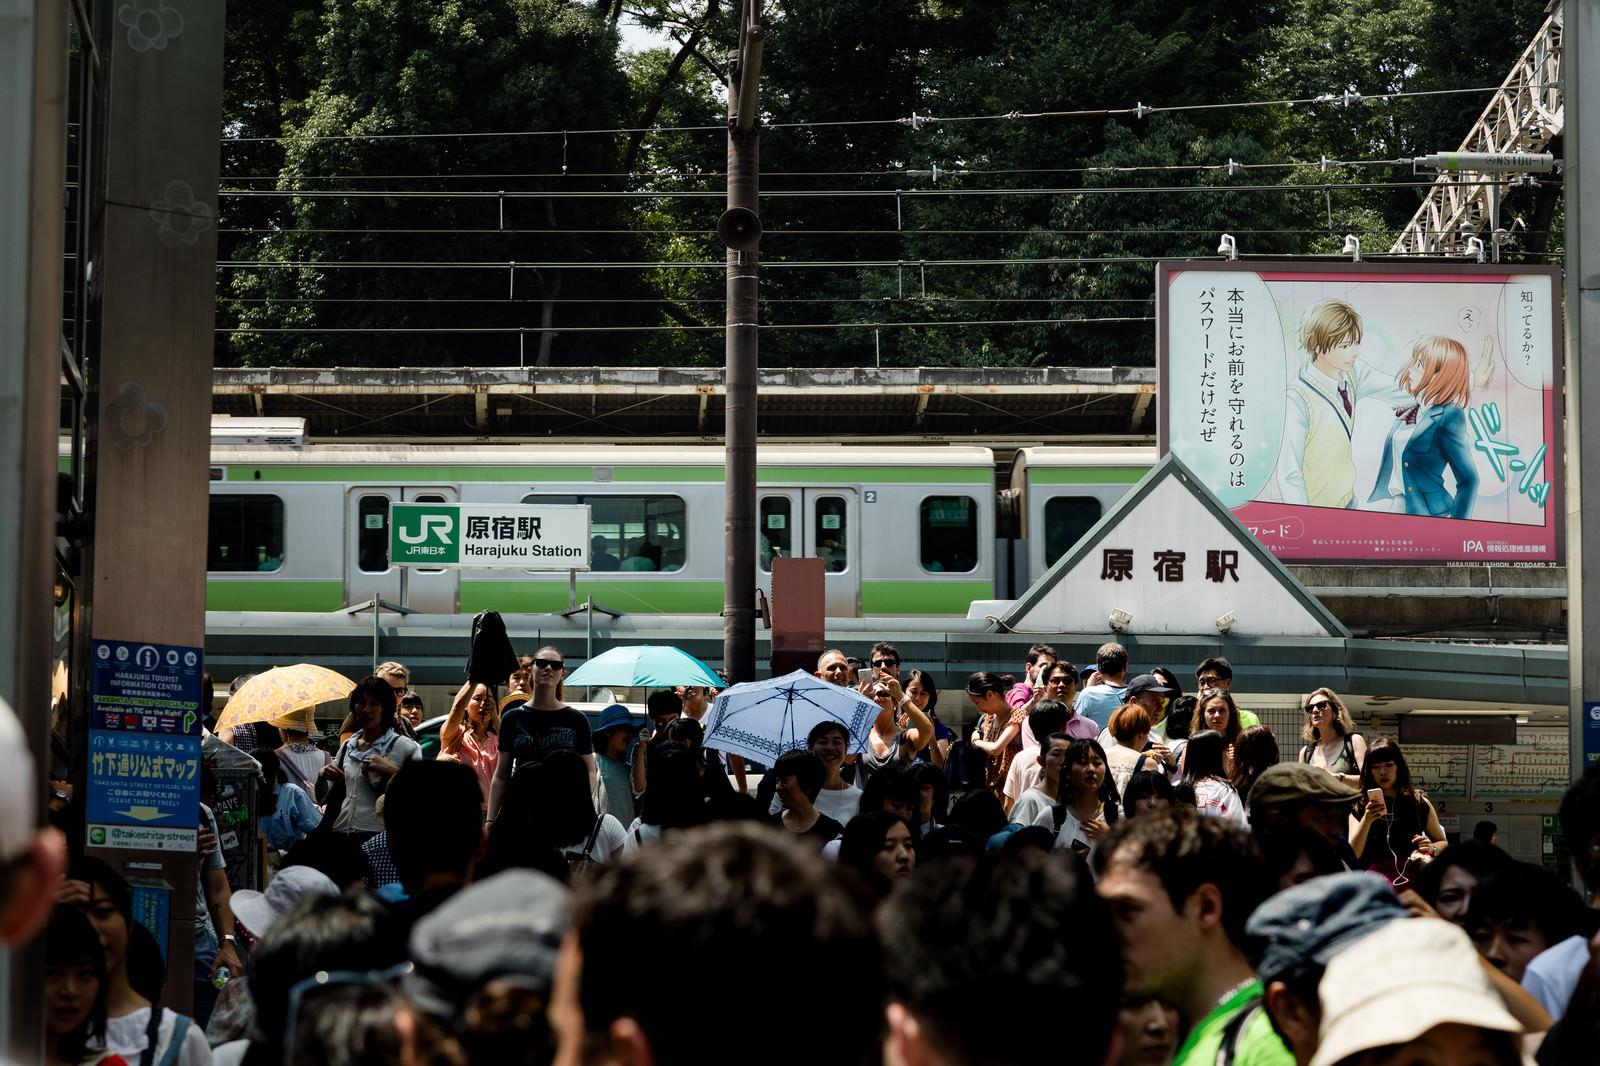 「原宿駅と竹下通り入口の坂(下から撮影)」の写真